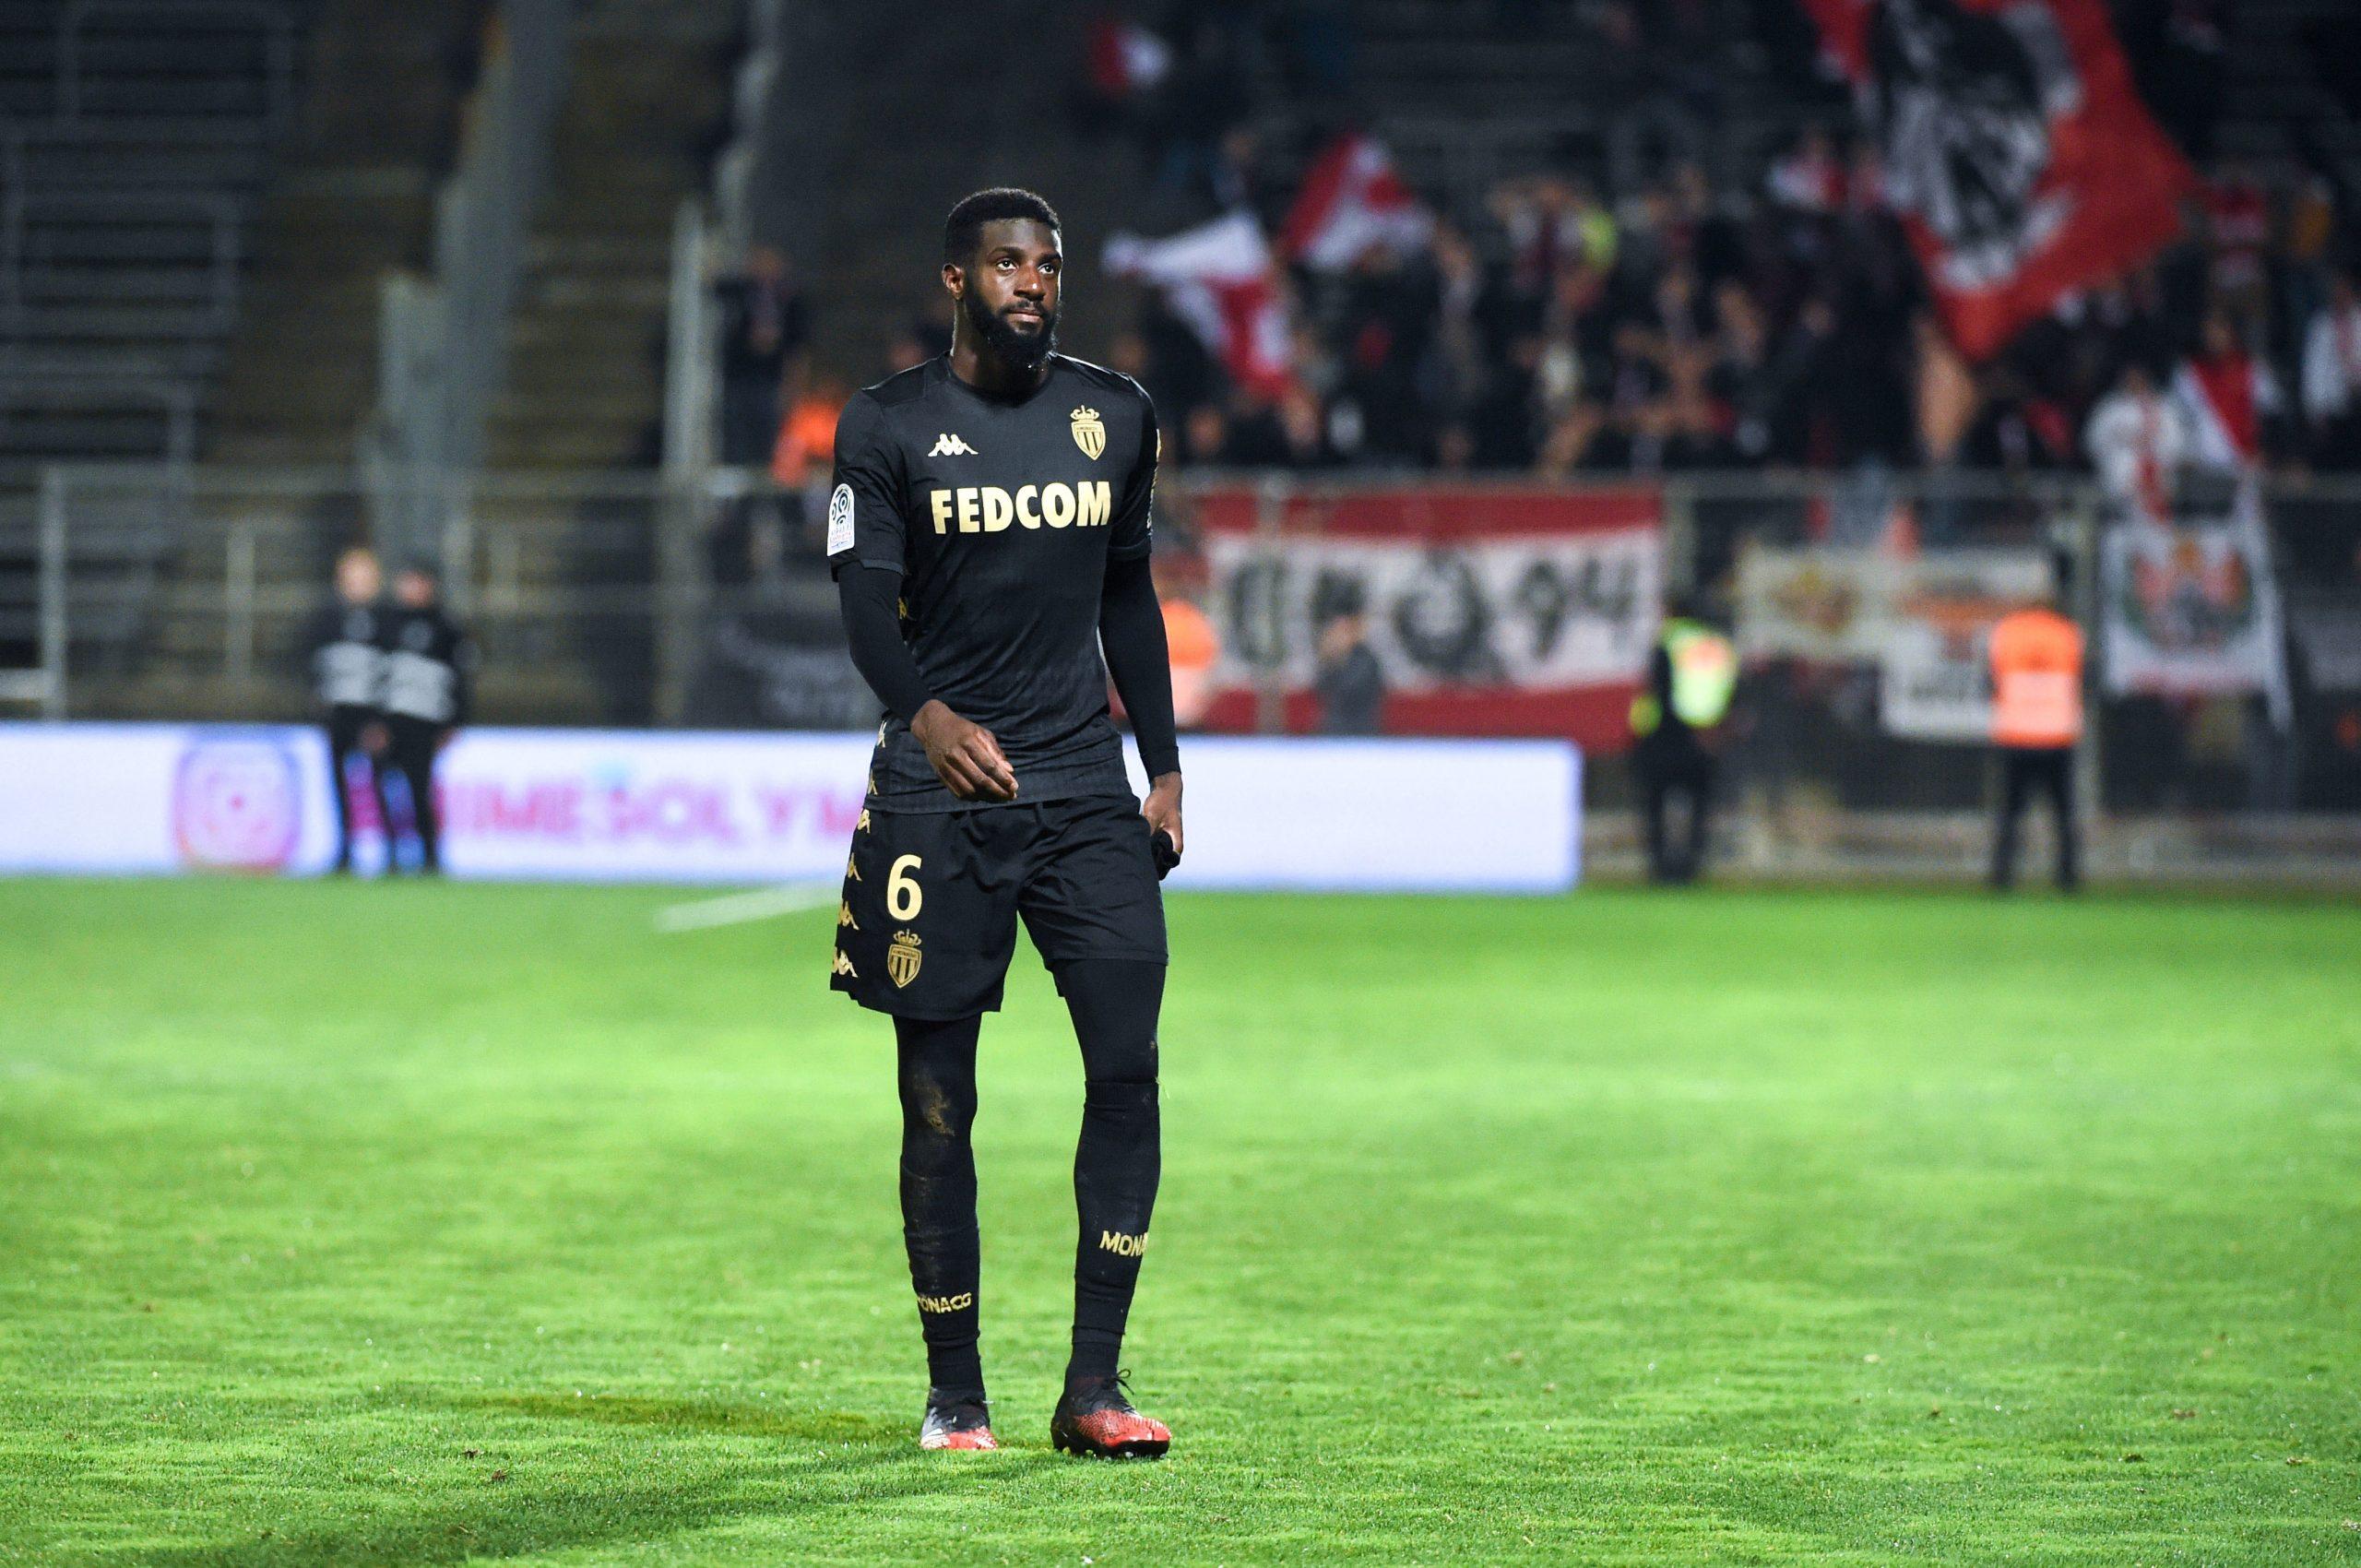 """Mercato - Le PSG a """"renoué"""" le contact avec Tiémoué Bakayoko, selon Foot Mercato"""